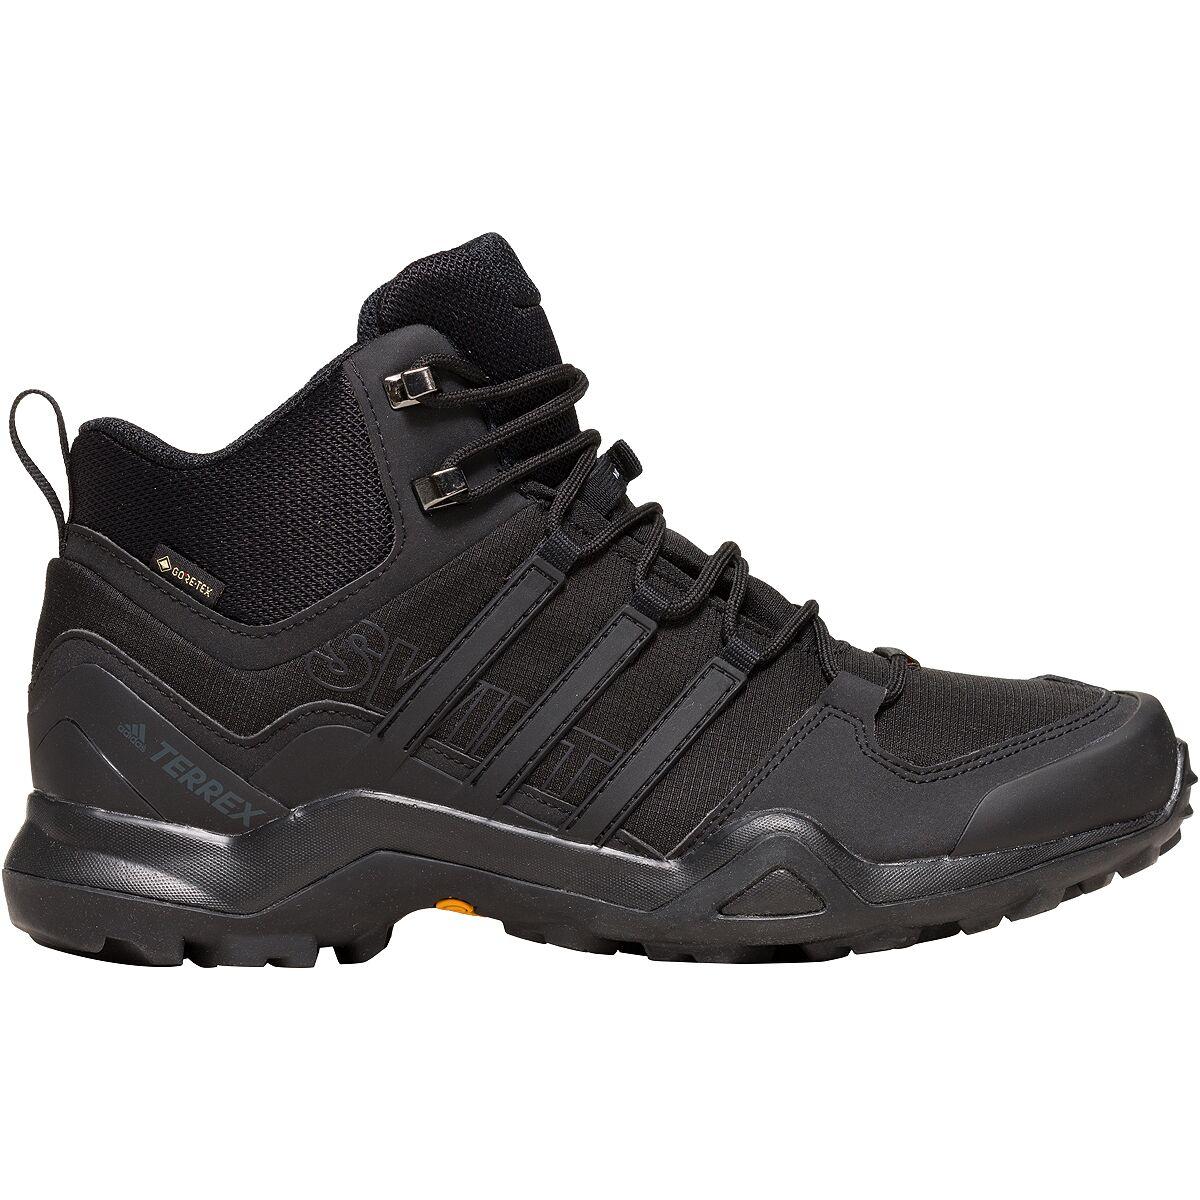 adidas gtx shoes men